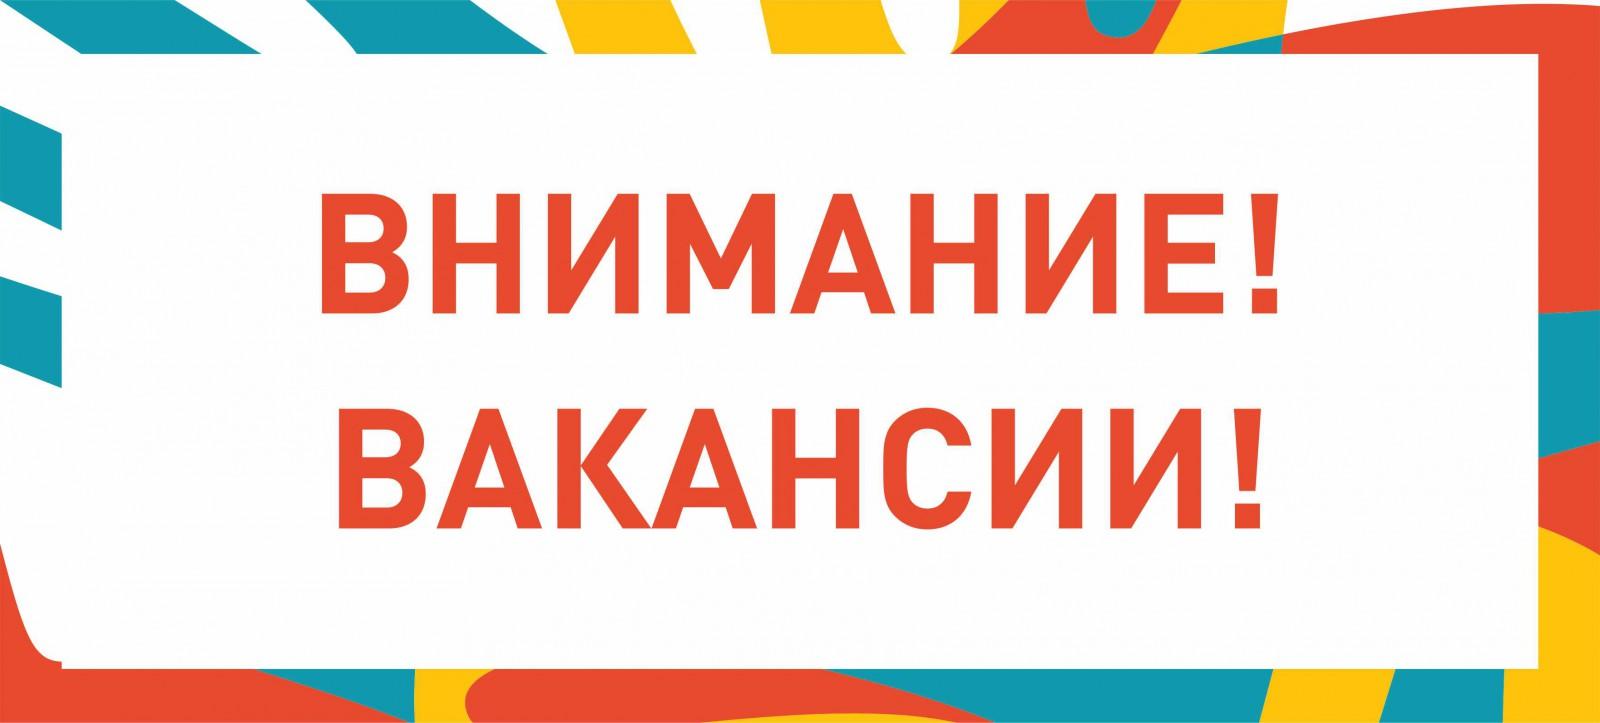 В Думу Артемовского городского округа требуются